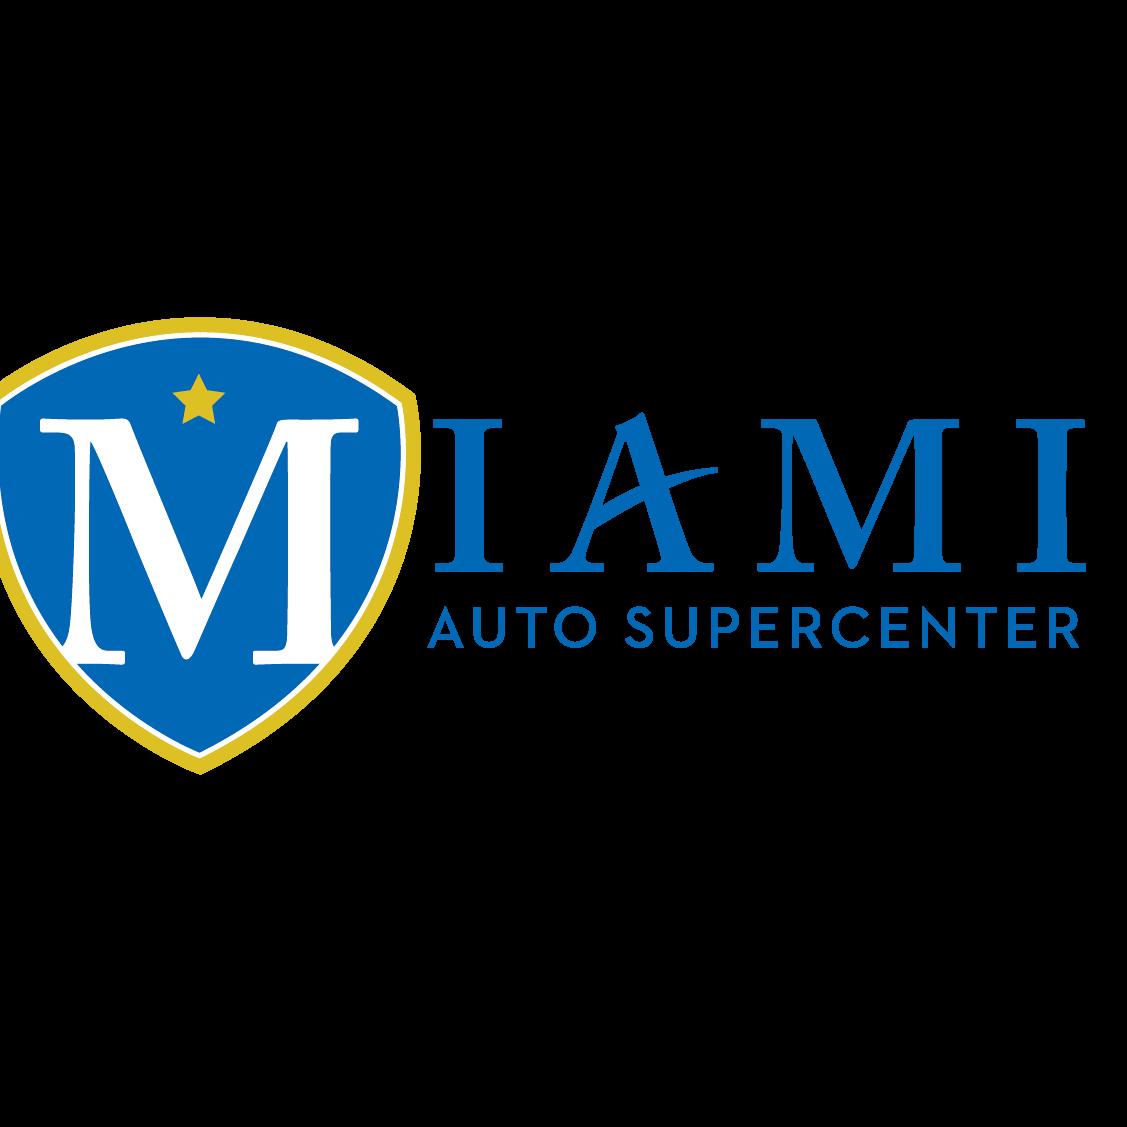 Miami Auto Supercenter